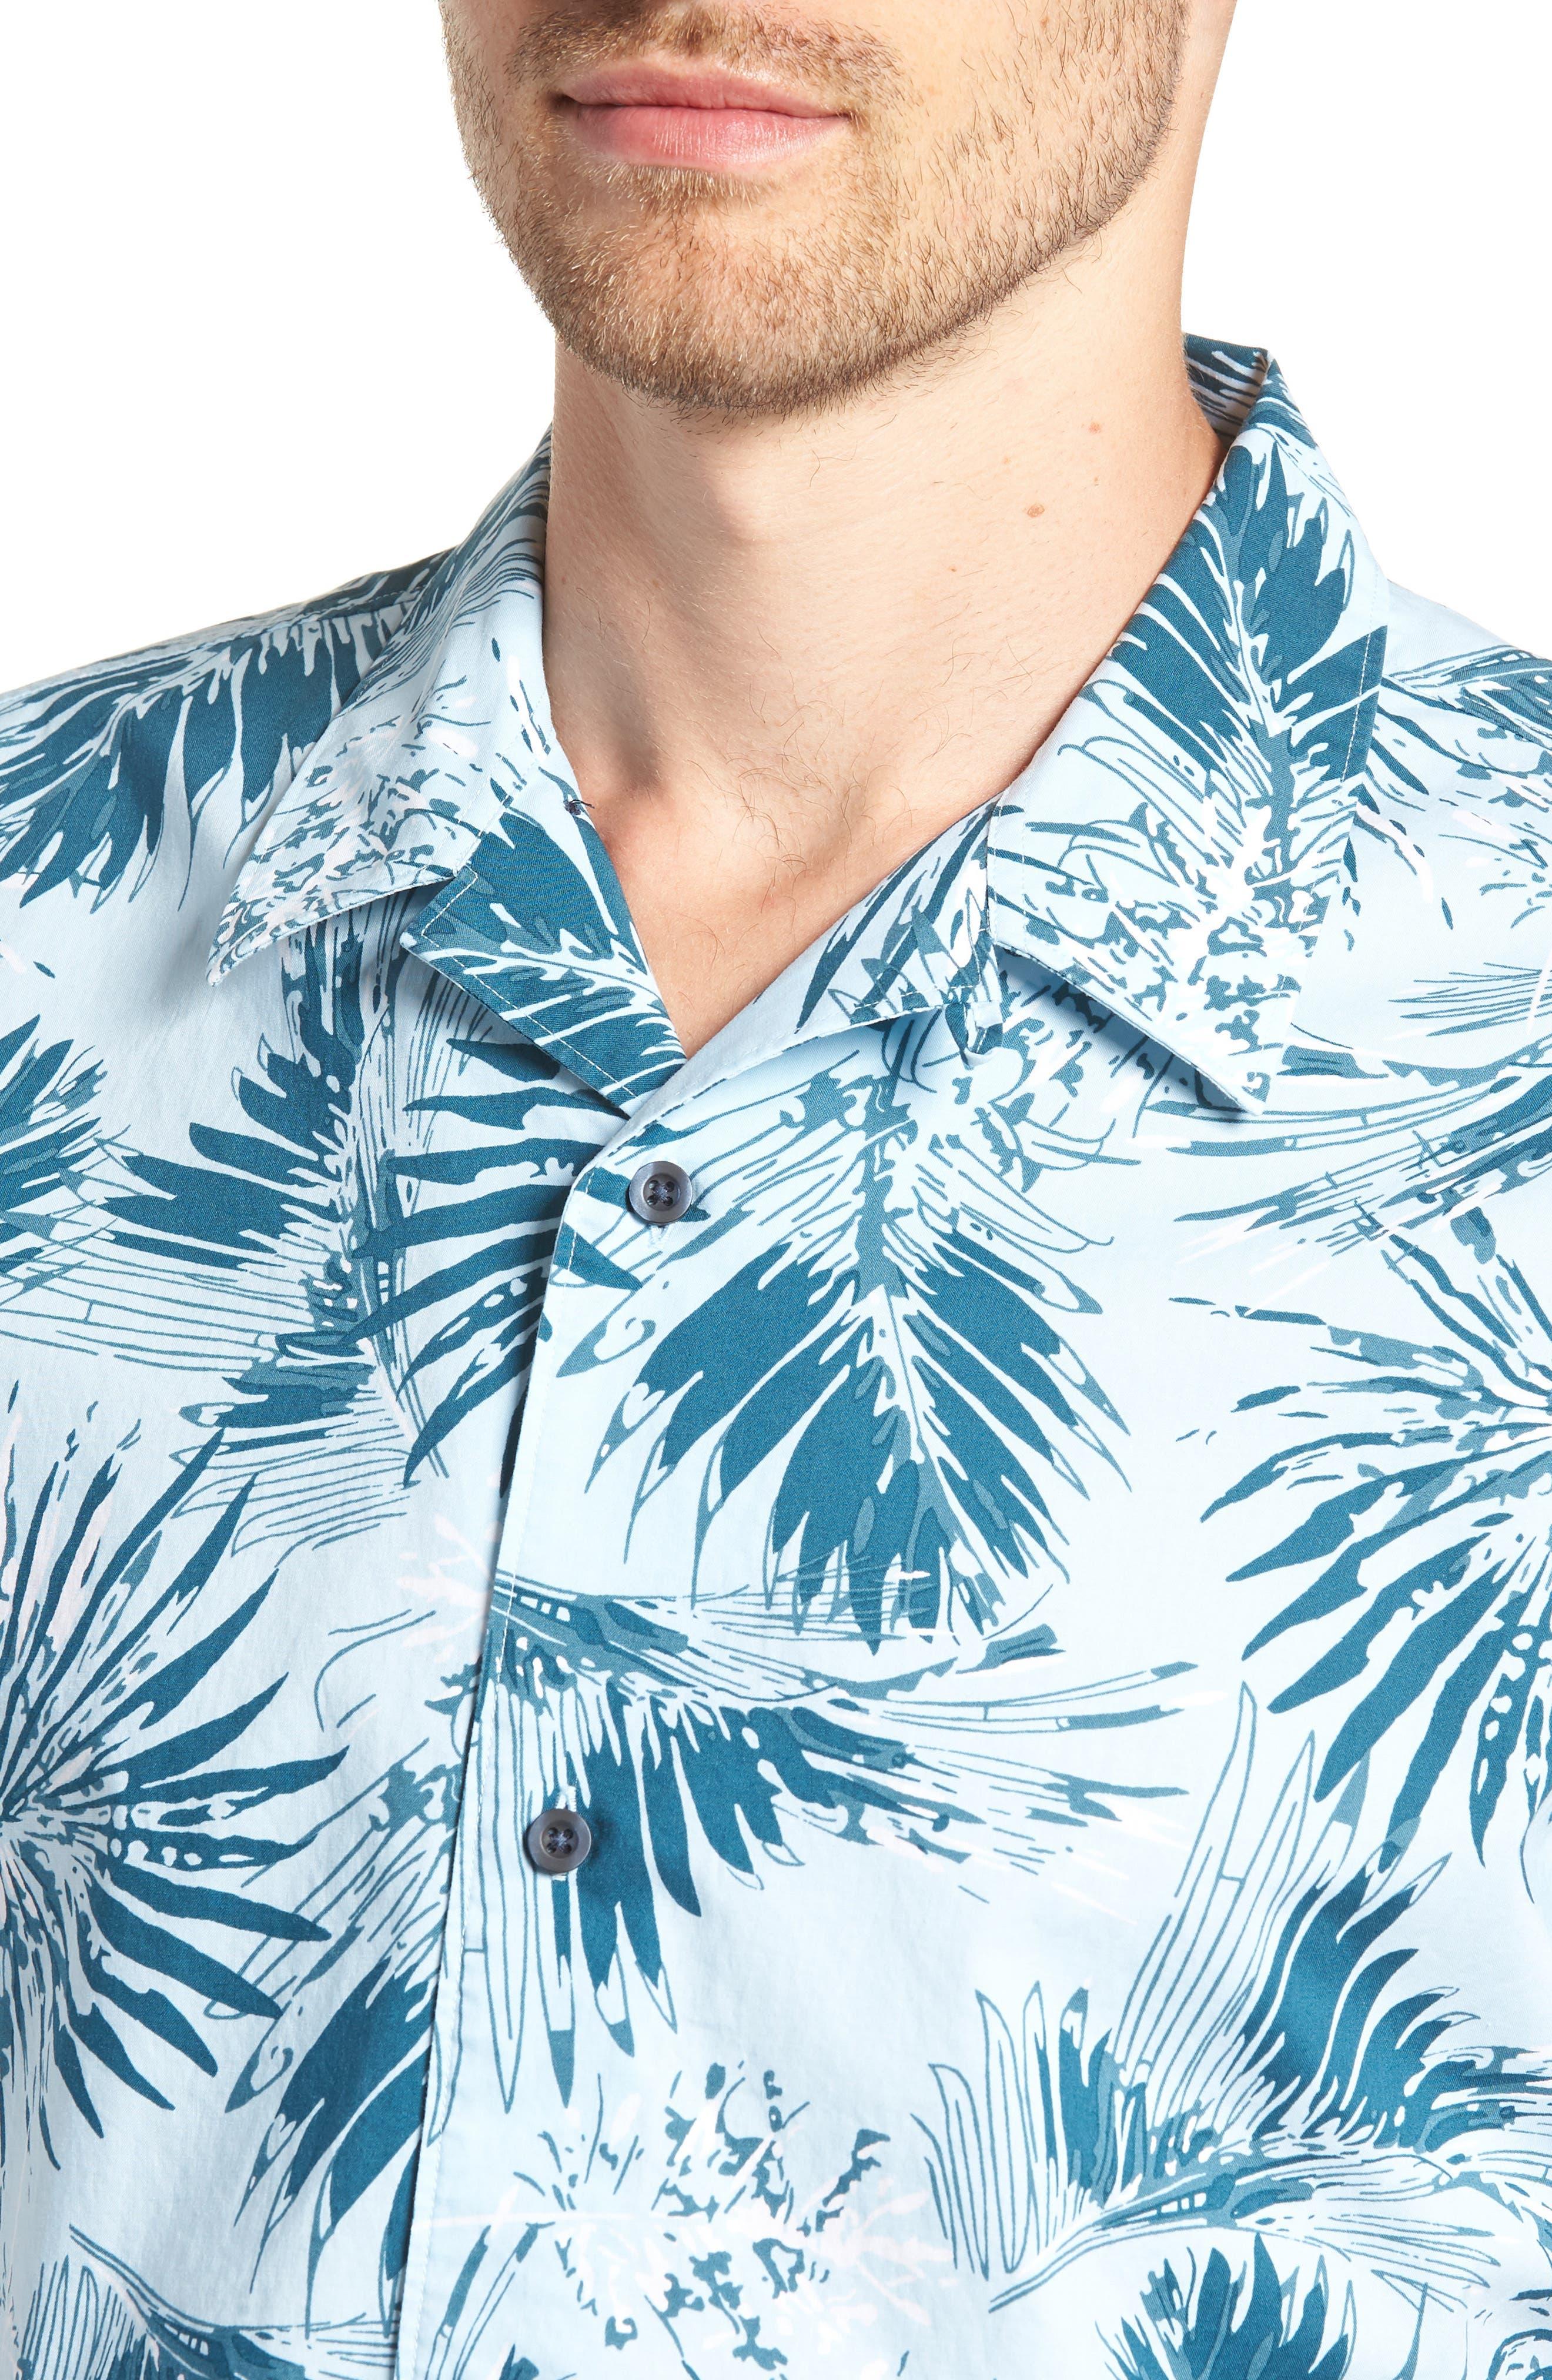 Trim Fit Palm Print Camp Shirt,                             Alternate thumbnail 2, color,                             Blue Cloud Fan Palms